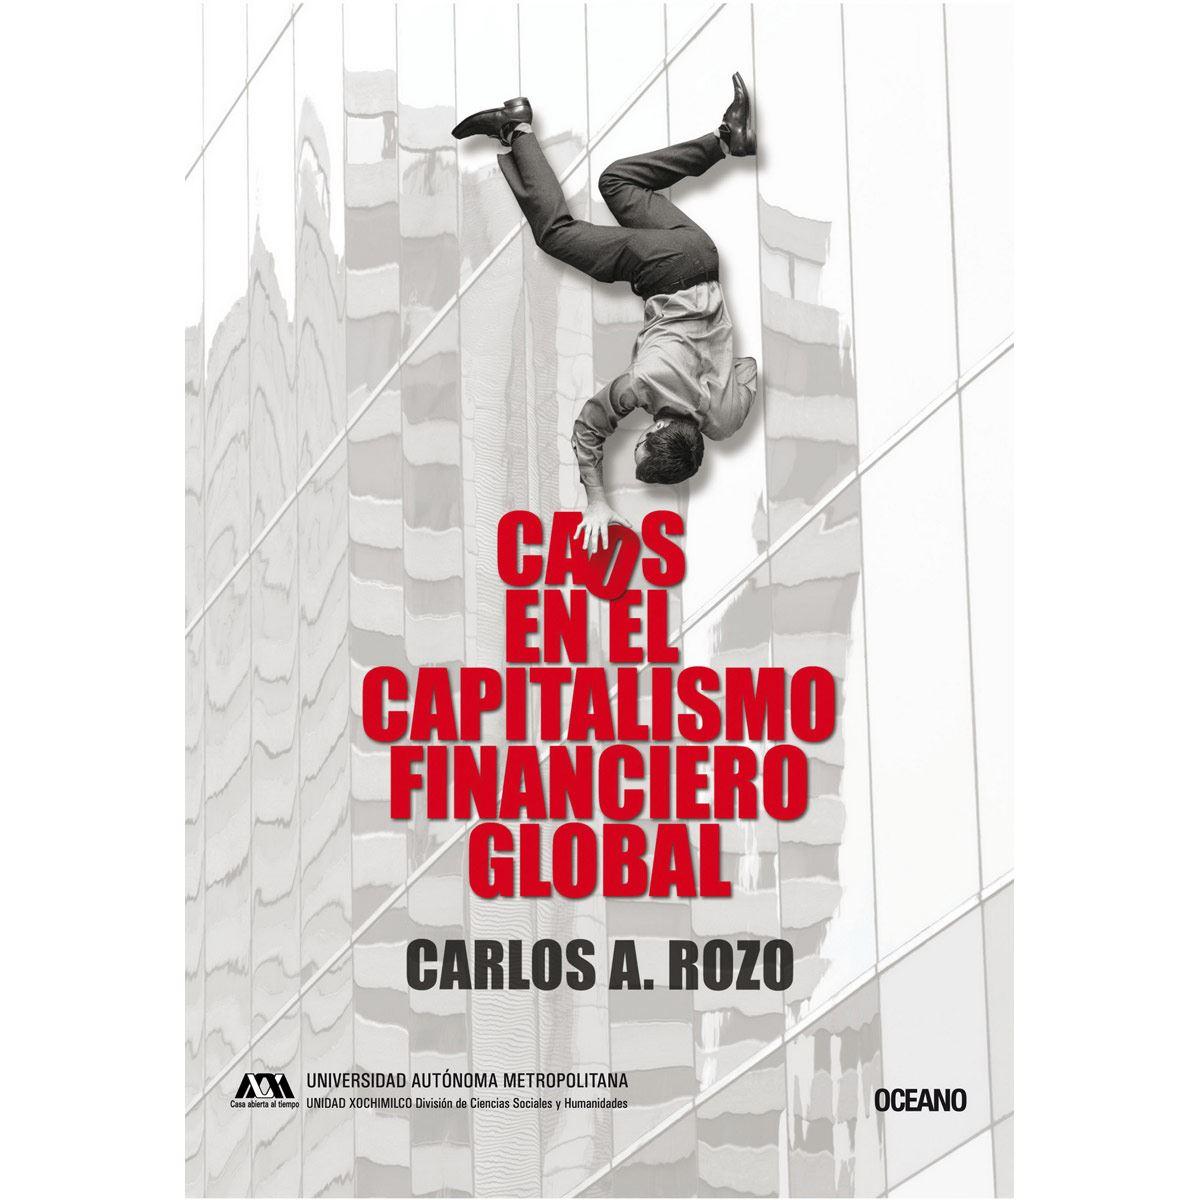 Caos en el capitalismo financiero global